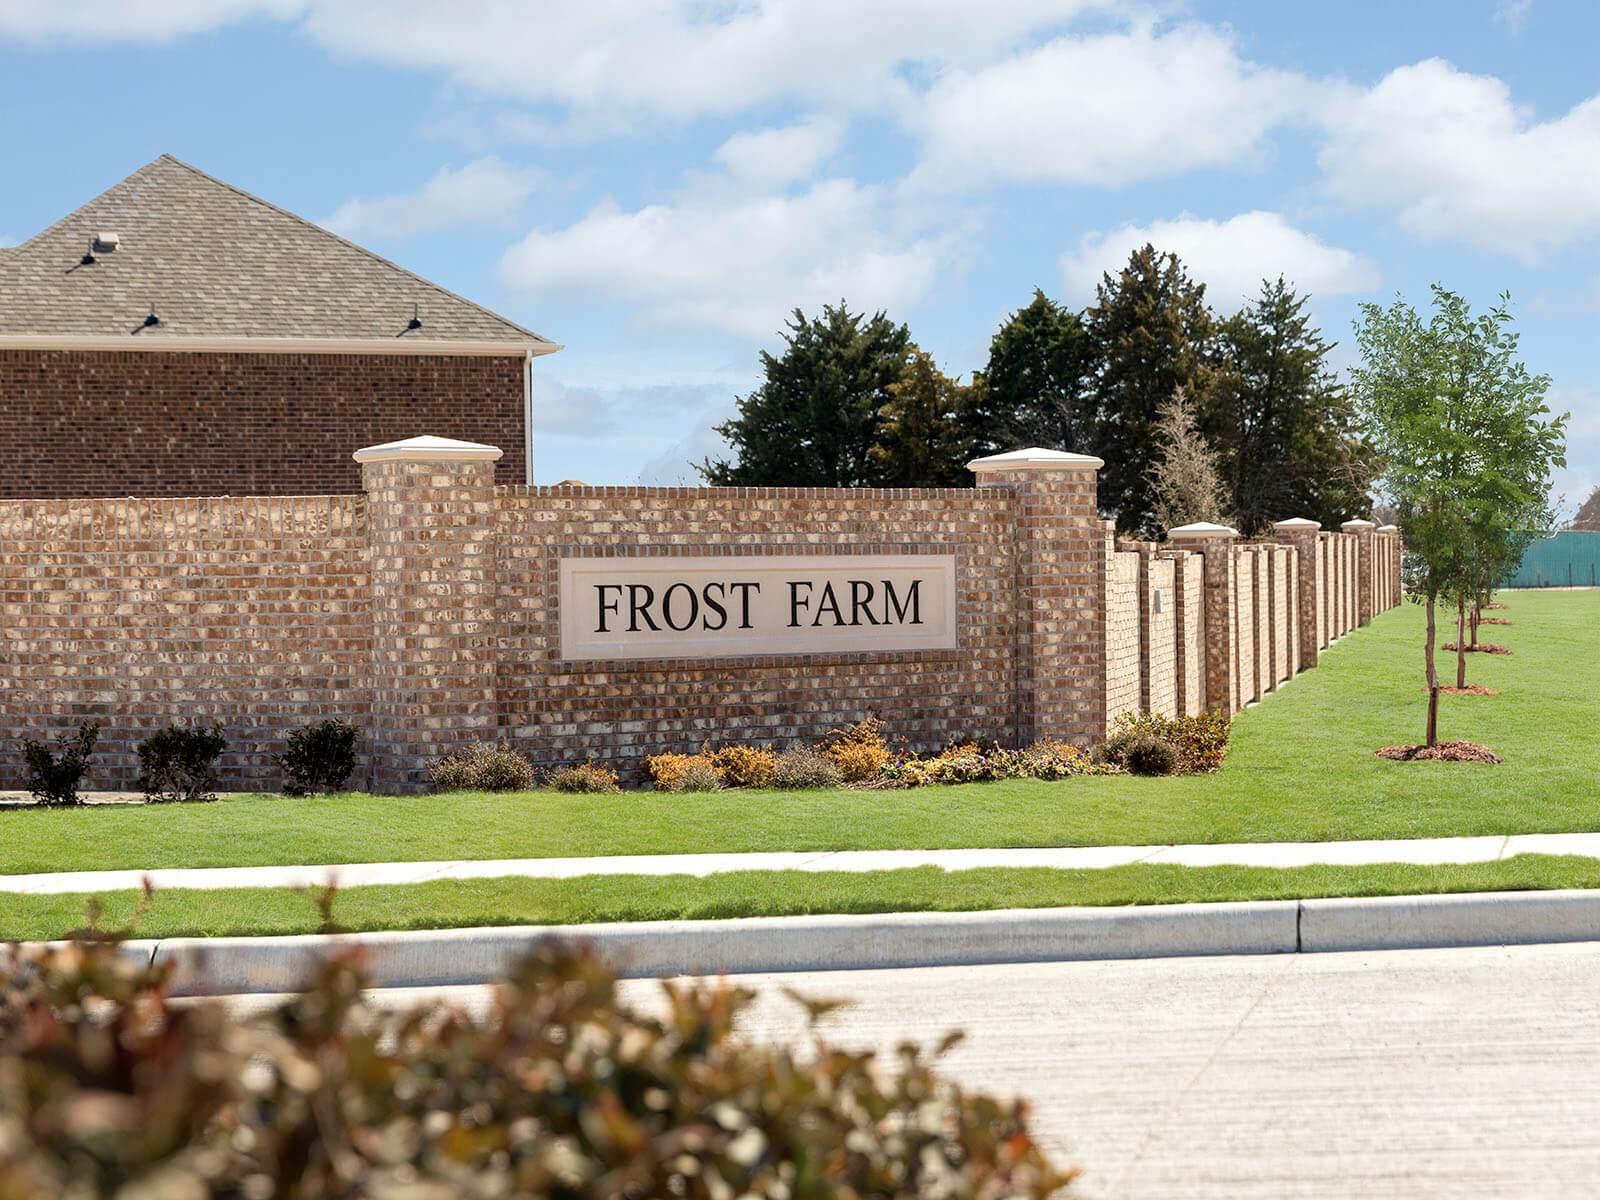 Frost Farm,75189